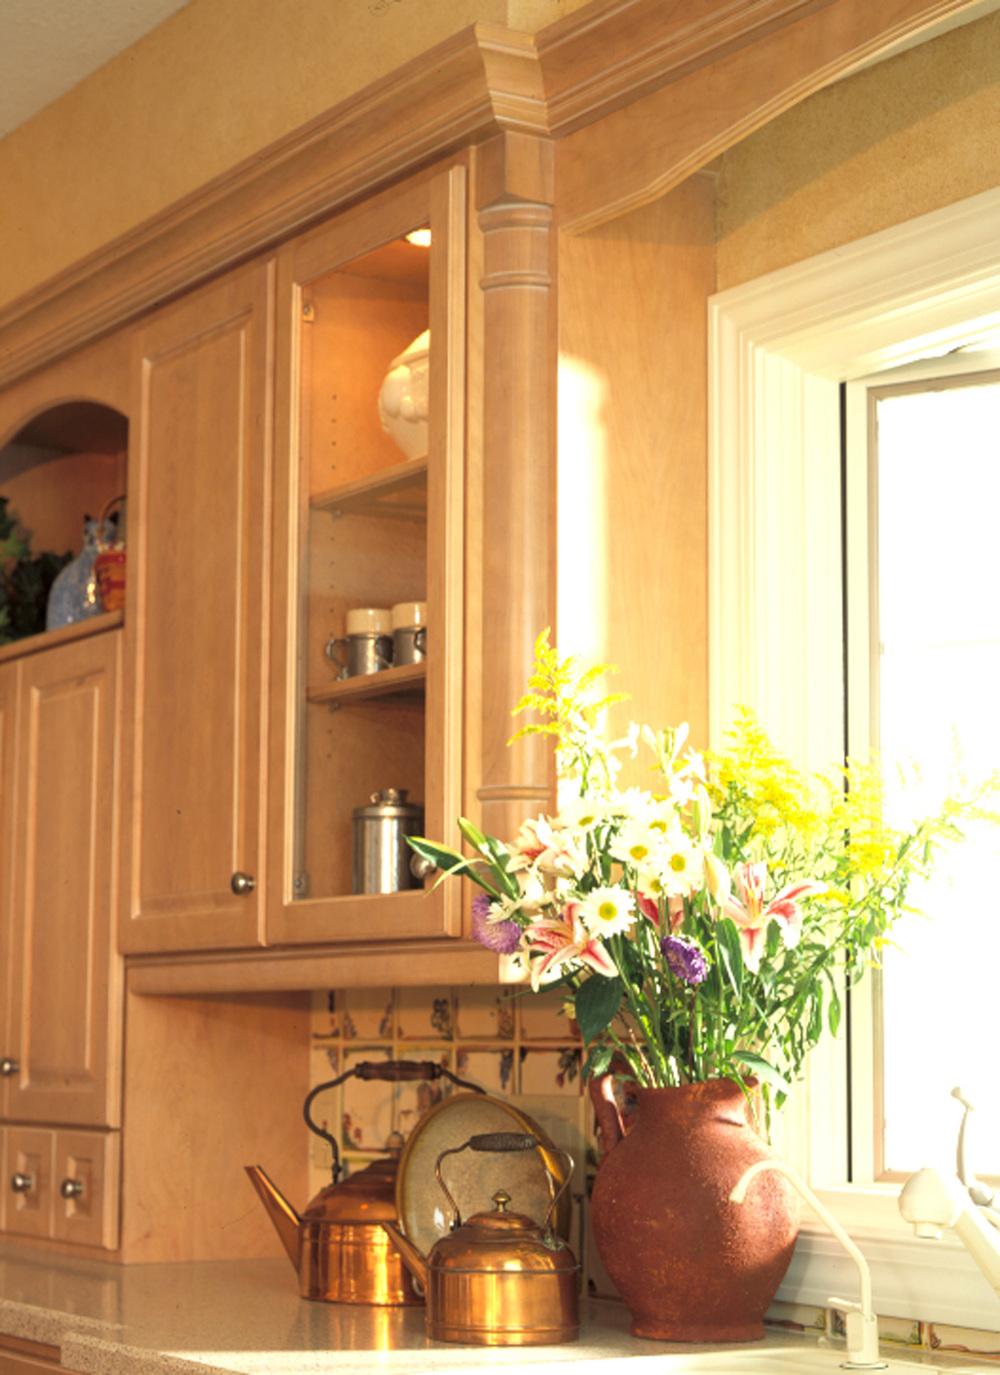 Kitchen with kettles.jpg